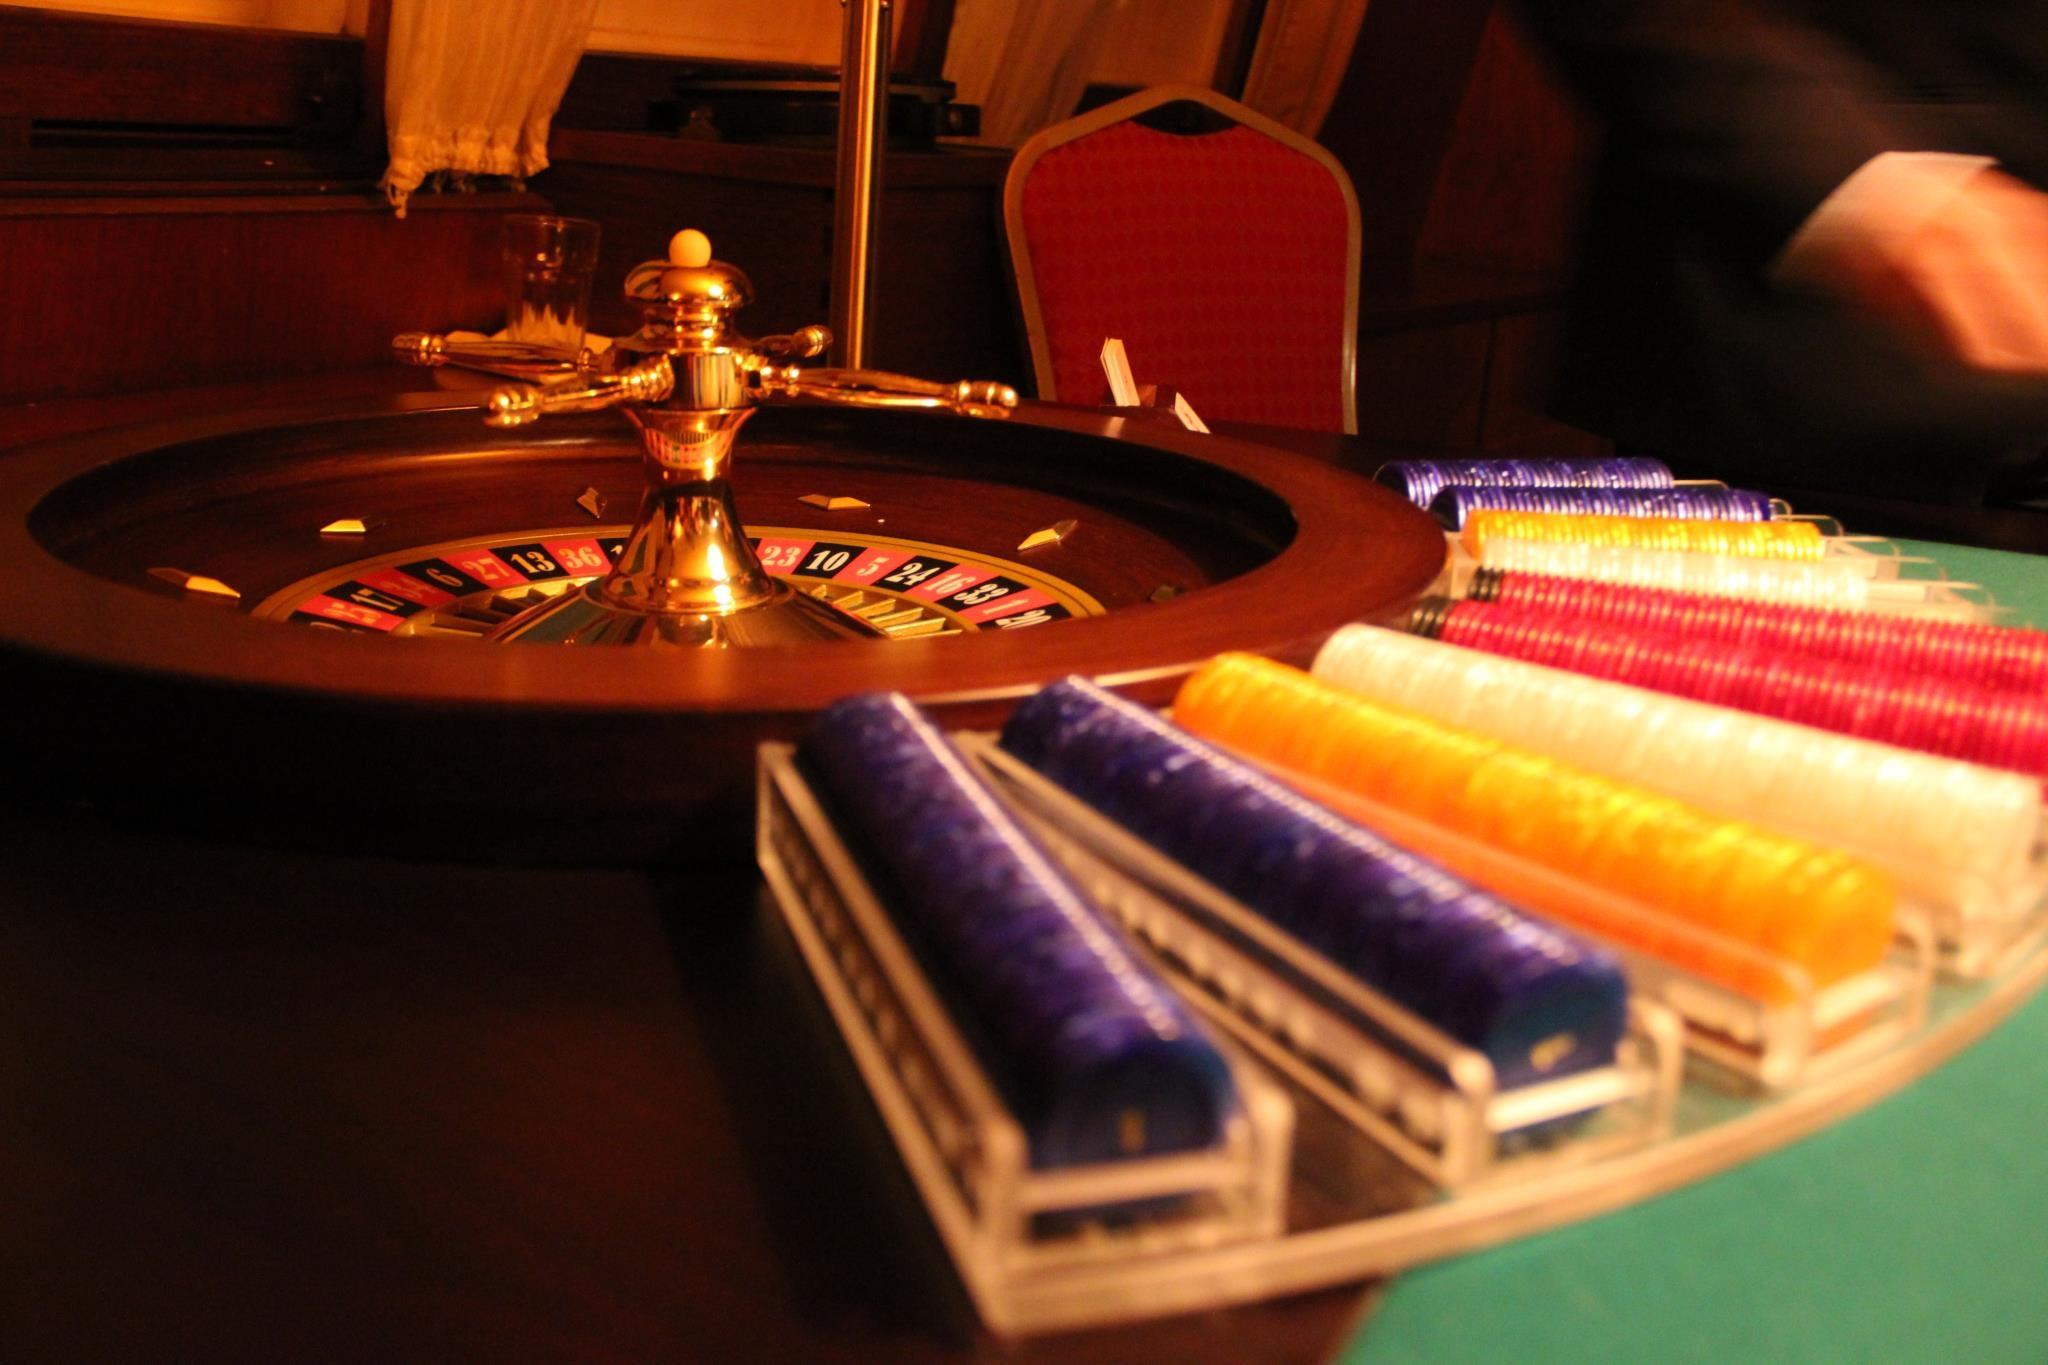 ruletka-igra-kazino-krasivie-foto